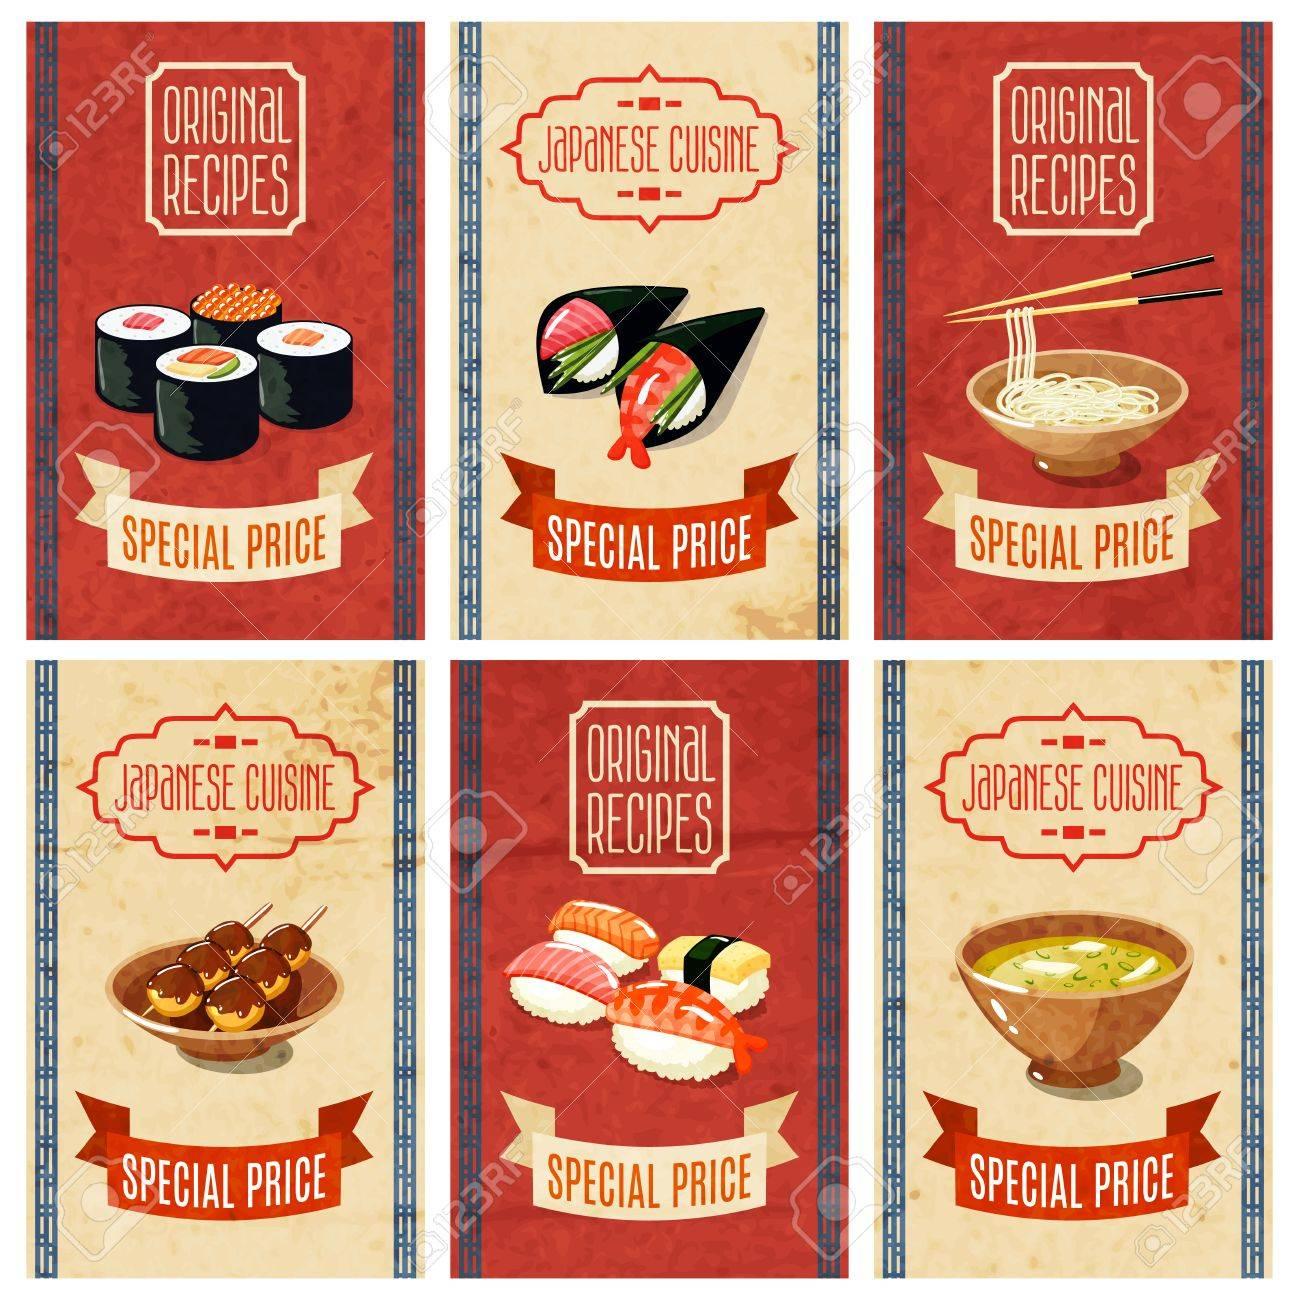 Asian Comida Original Recetas De La Cocina Japonesa Precio Especial Banners Set Aislado Ilustración Vectorial